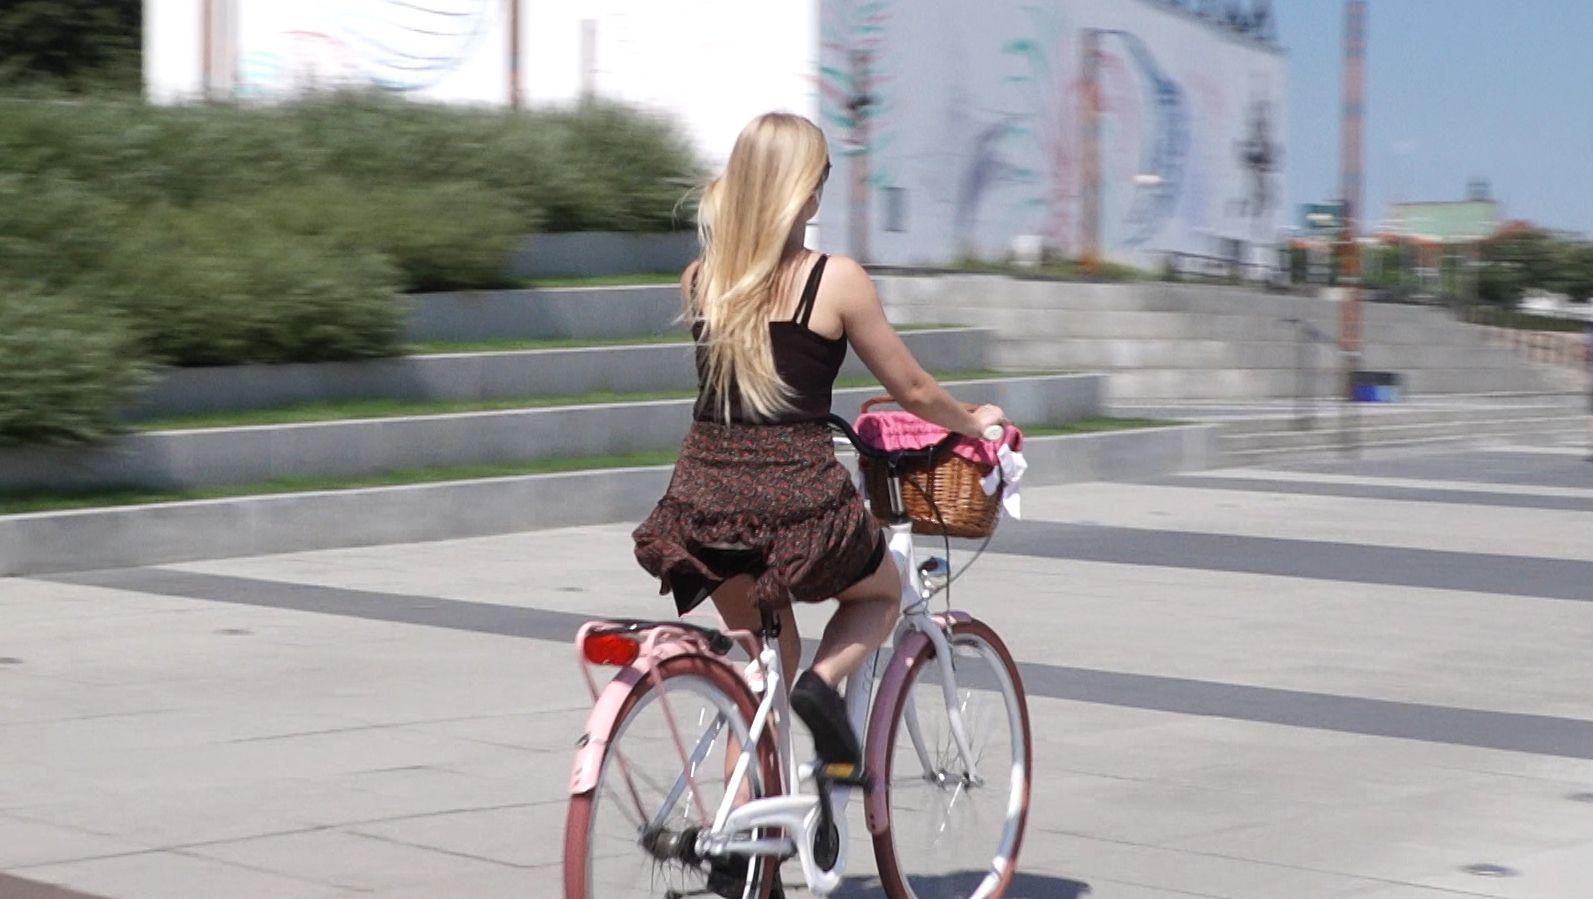 Skokowy wzrost popularności rowerów. Polacy coraz częściej wybierają je zamiast samochodów